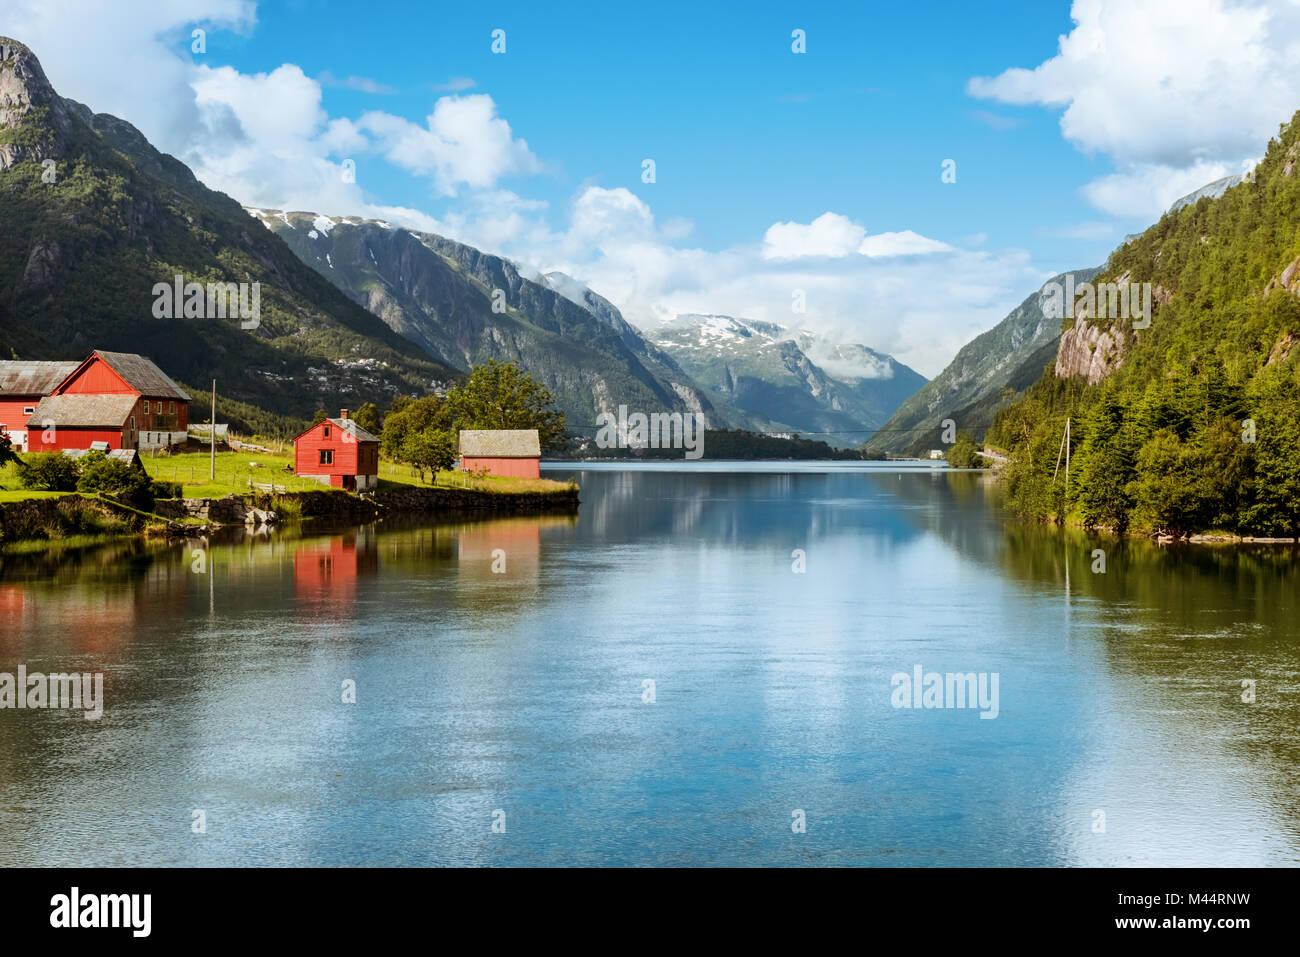 Odda is Norway town located near Trolltunga rock - Stock Image